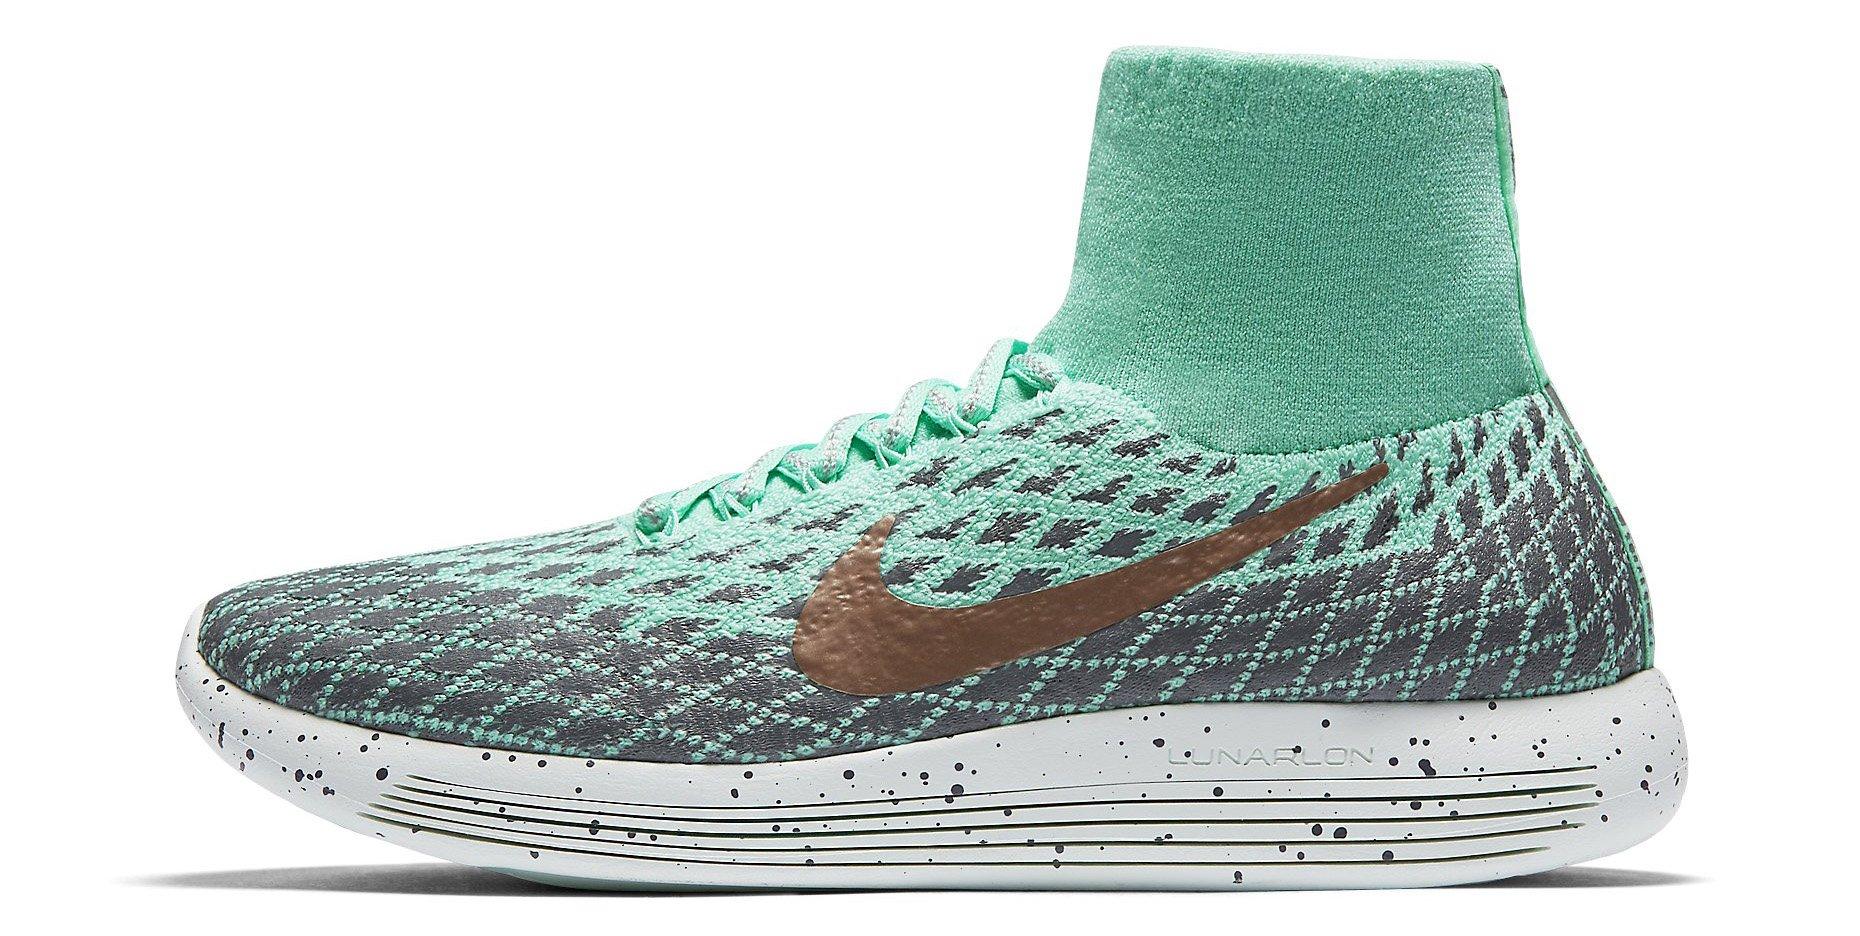 Běžecké boty Nike LunarEpic Flyknit Shield